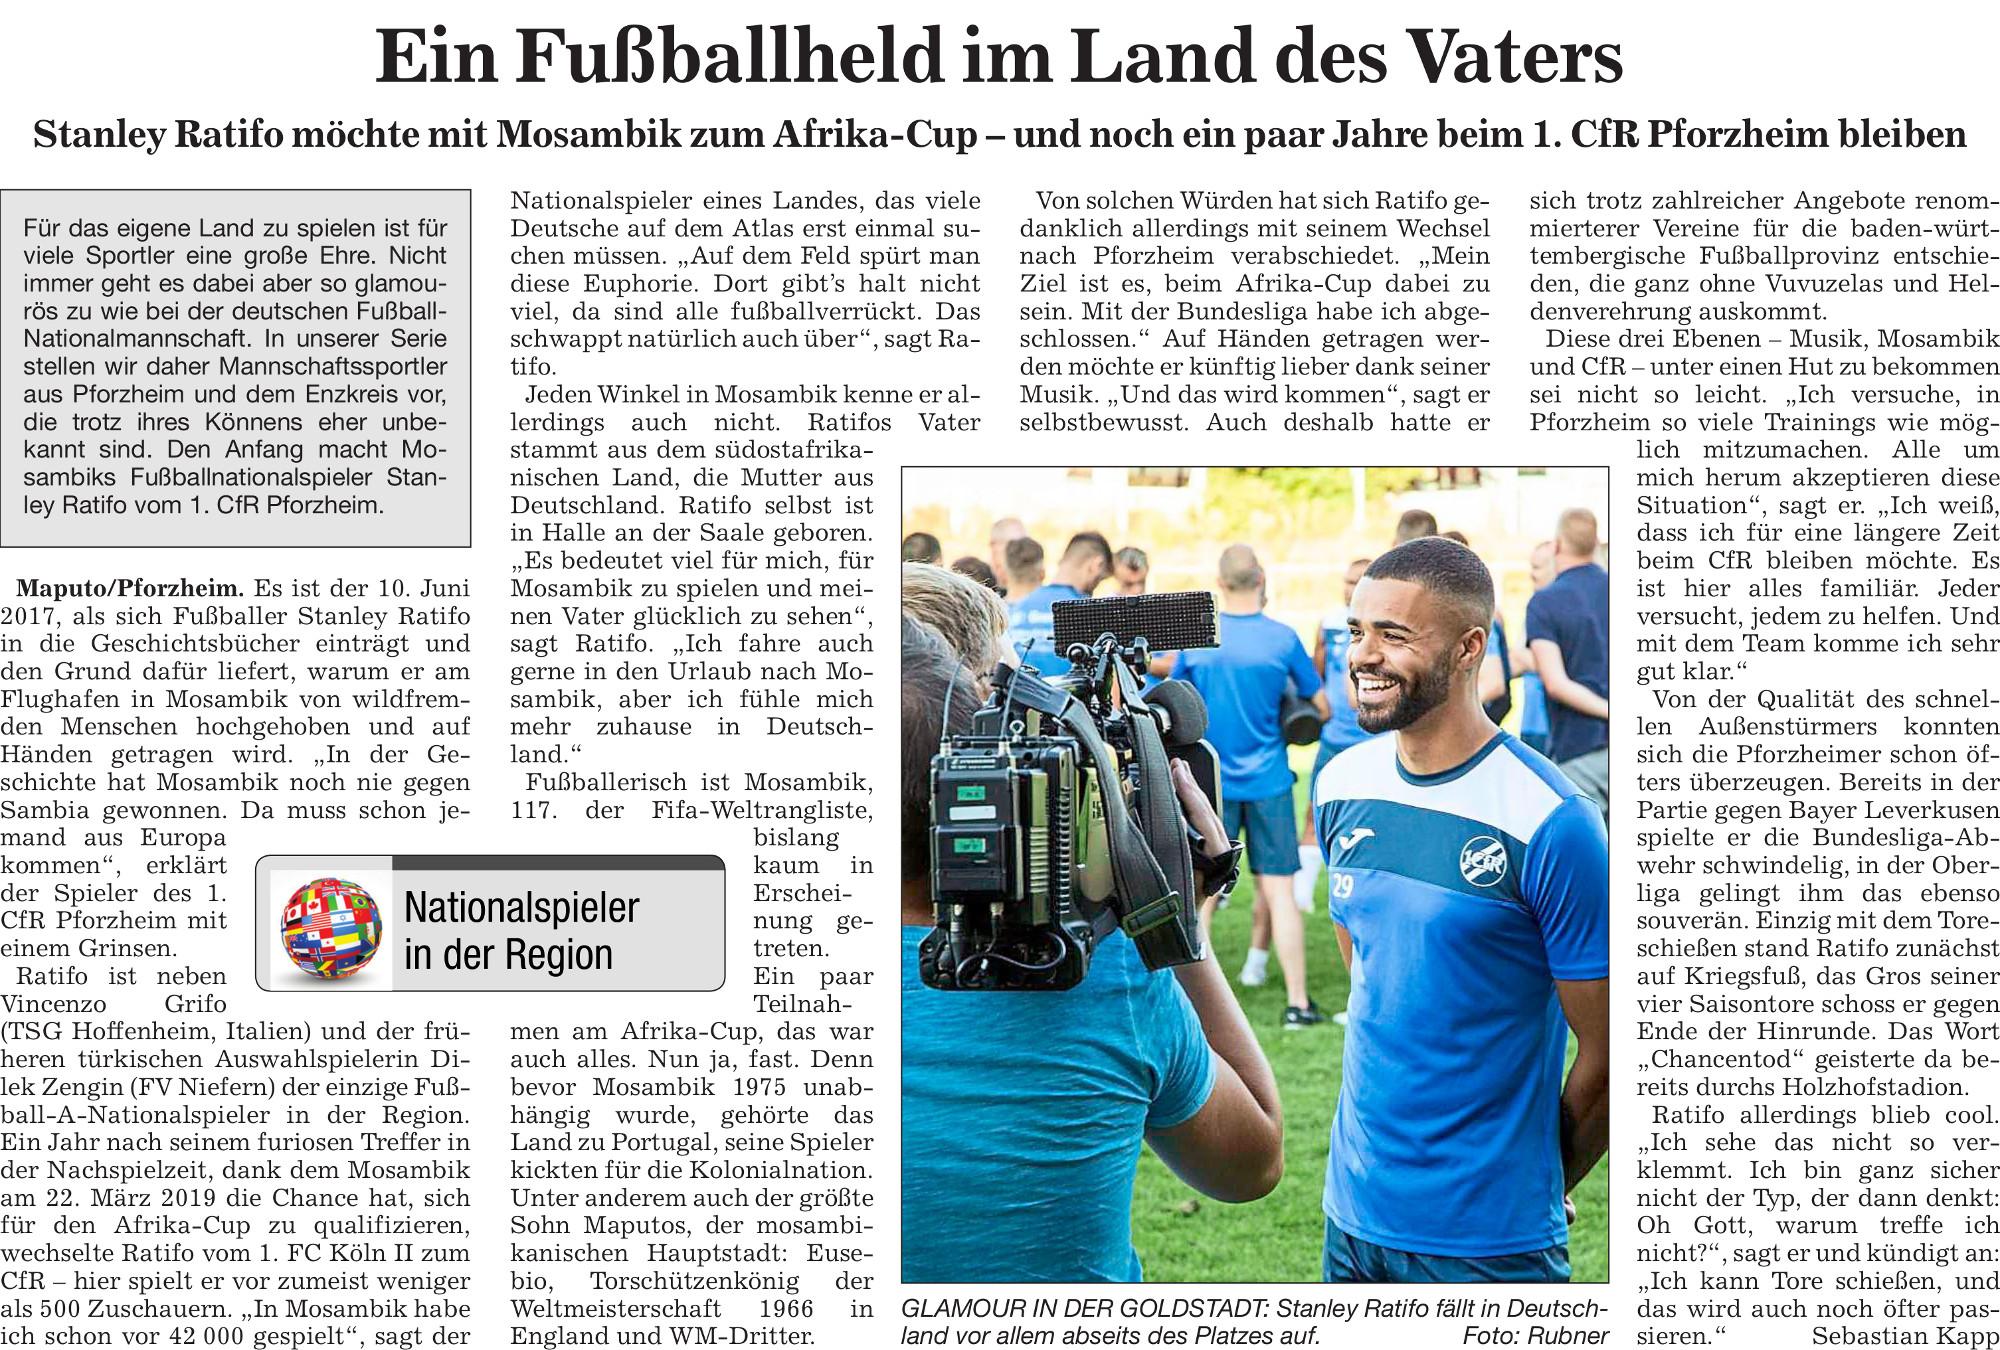 Stanley Ratifo: Ein Fußballheld im Land des Vaters